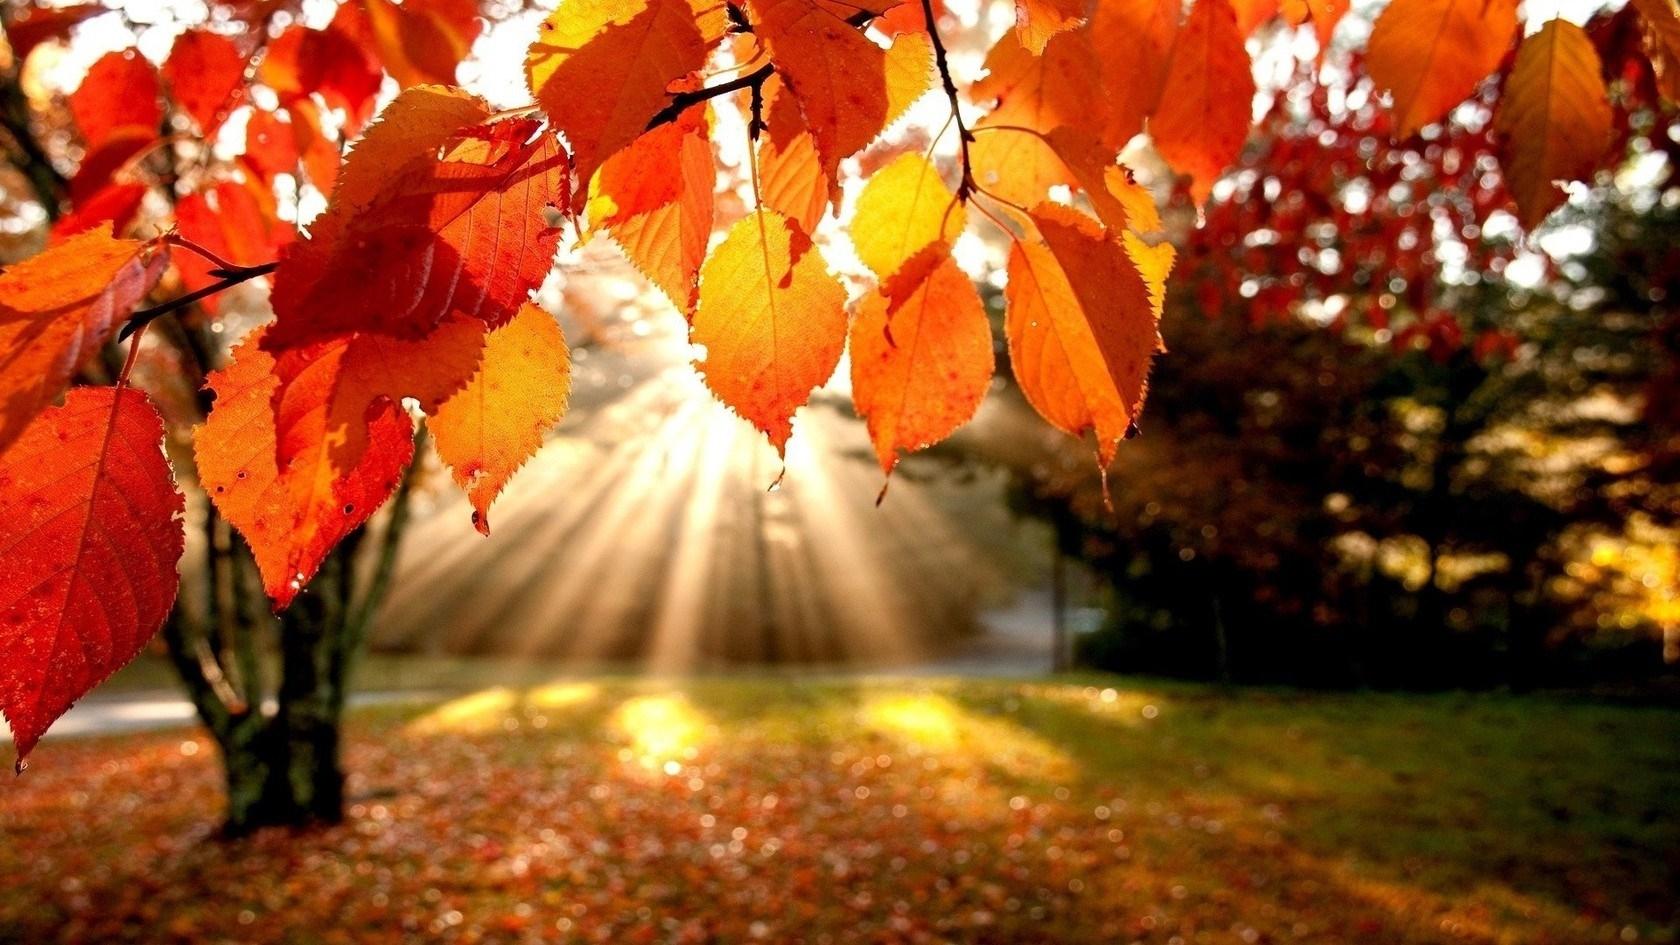 Осень картинки на рабочий стол 3 д010